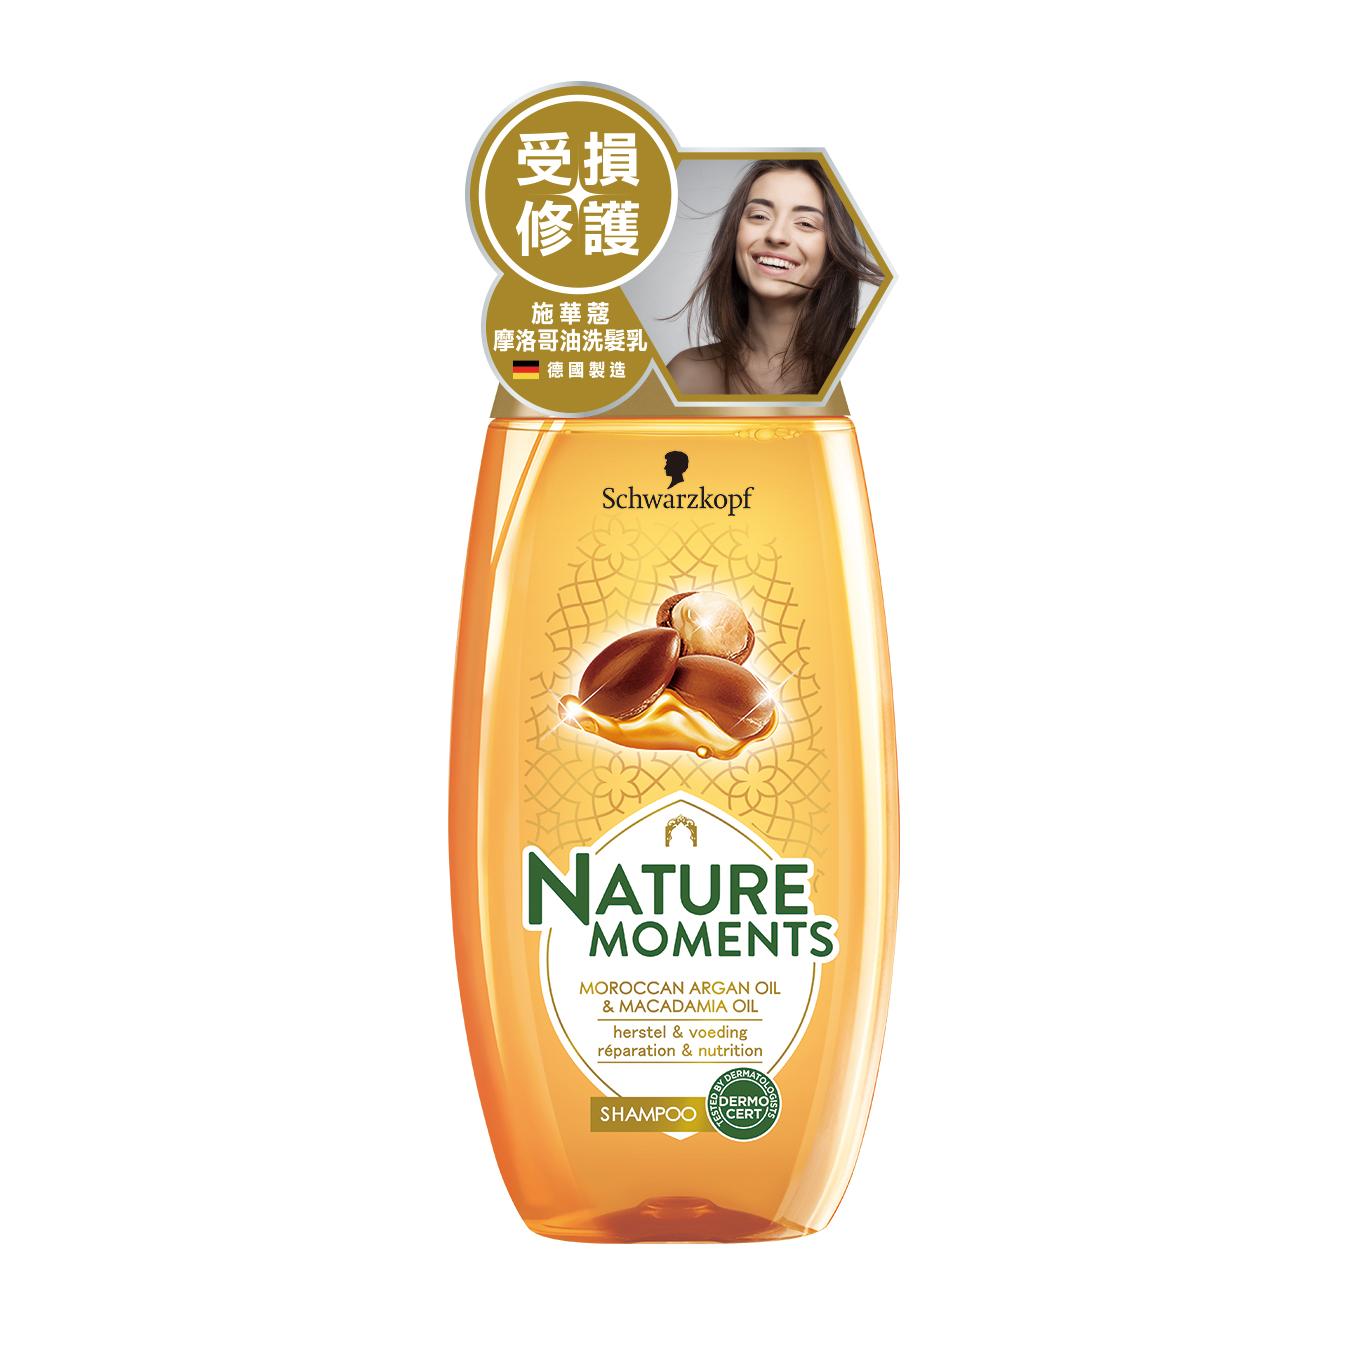 施華蔻, Nature Moment, 摩洛哥油洗髮乳, 摩洛哥油推薦, 護髮推薦, 精油洗髮, 洗髮乳推薦, 無矽靈洗髮精, 施華蔻哪裡買, 施華蔻台灣, 施華蔻門市, 試用, 體驗